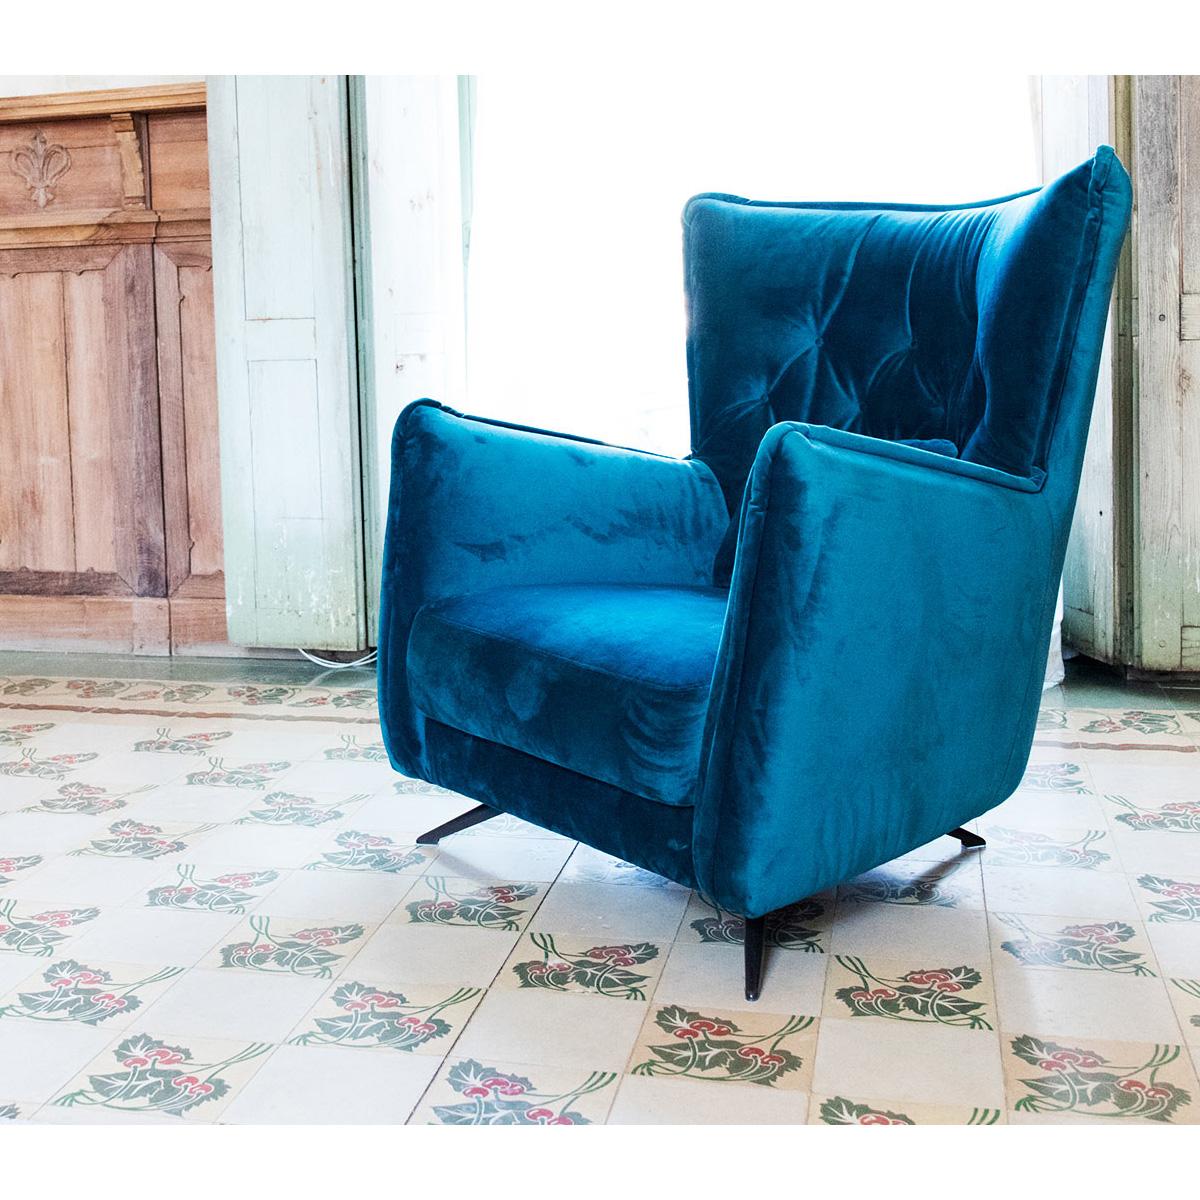 Εντυπωσιακή μοντέρνα πολυθρόνα SIMONE spectacular armchair